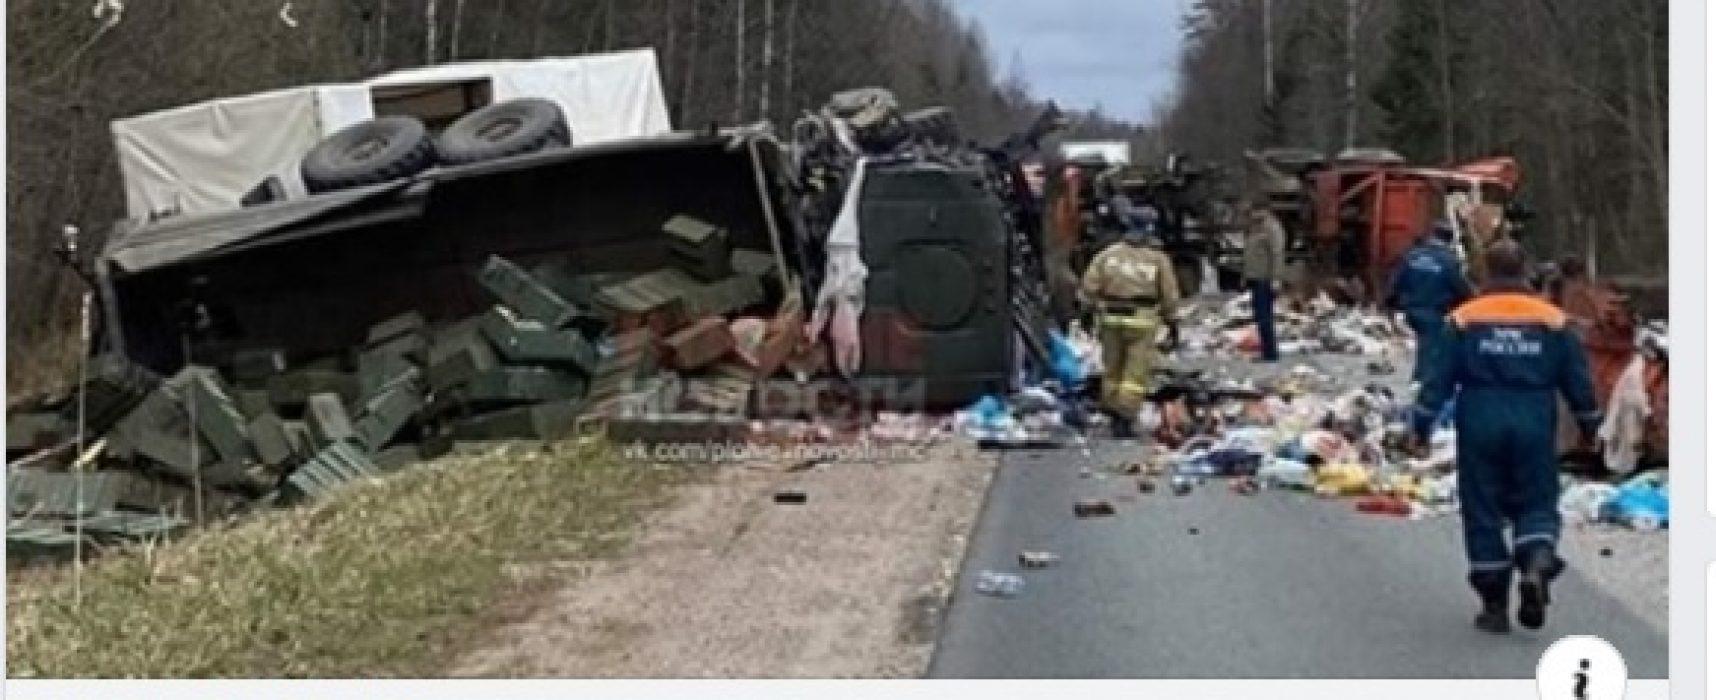 Фейк: Російський гумконвой, який їхав до Києво-Печерської лаври, потрапив у ДТП